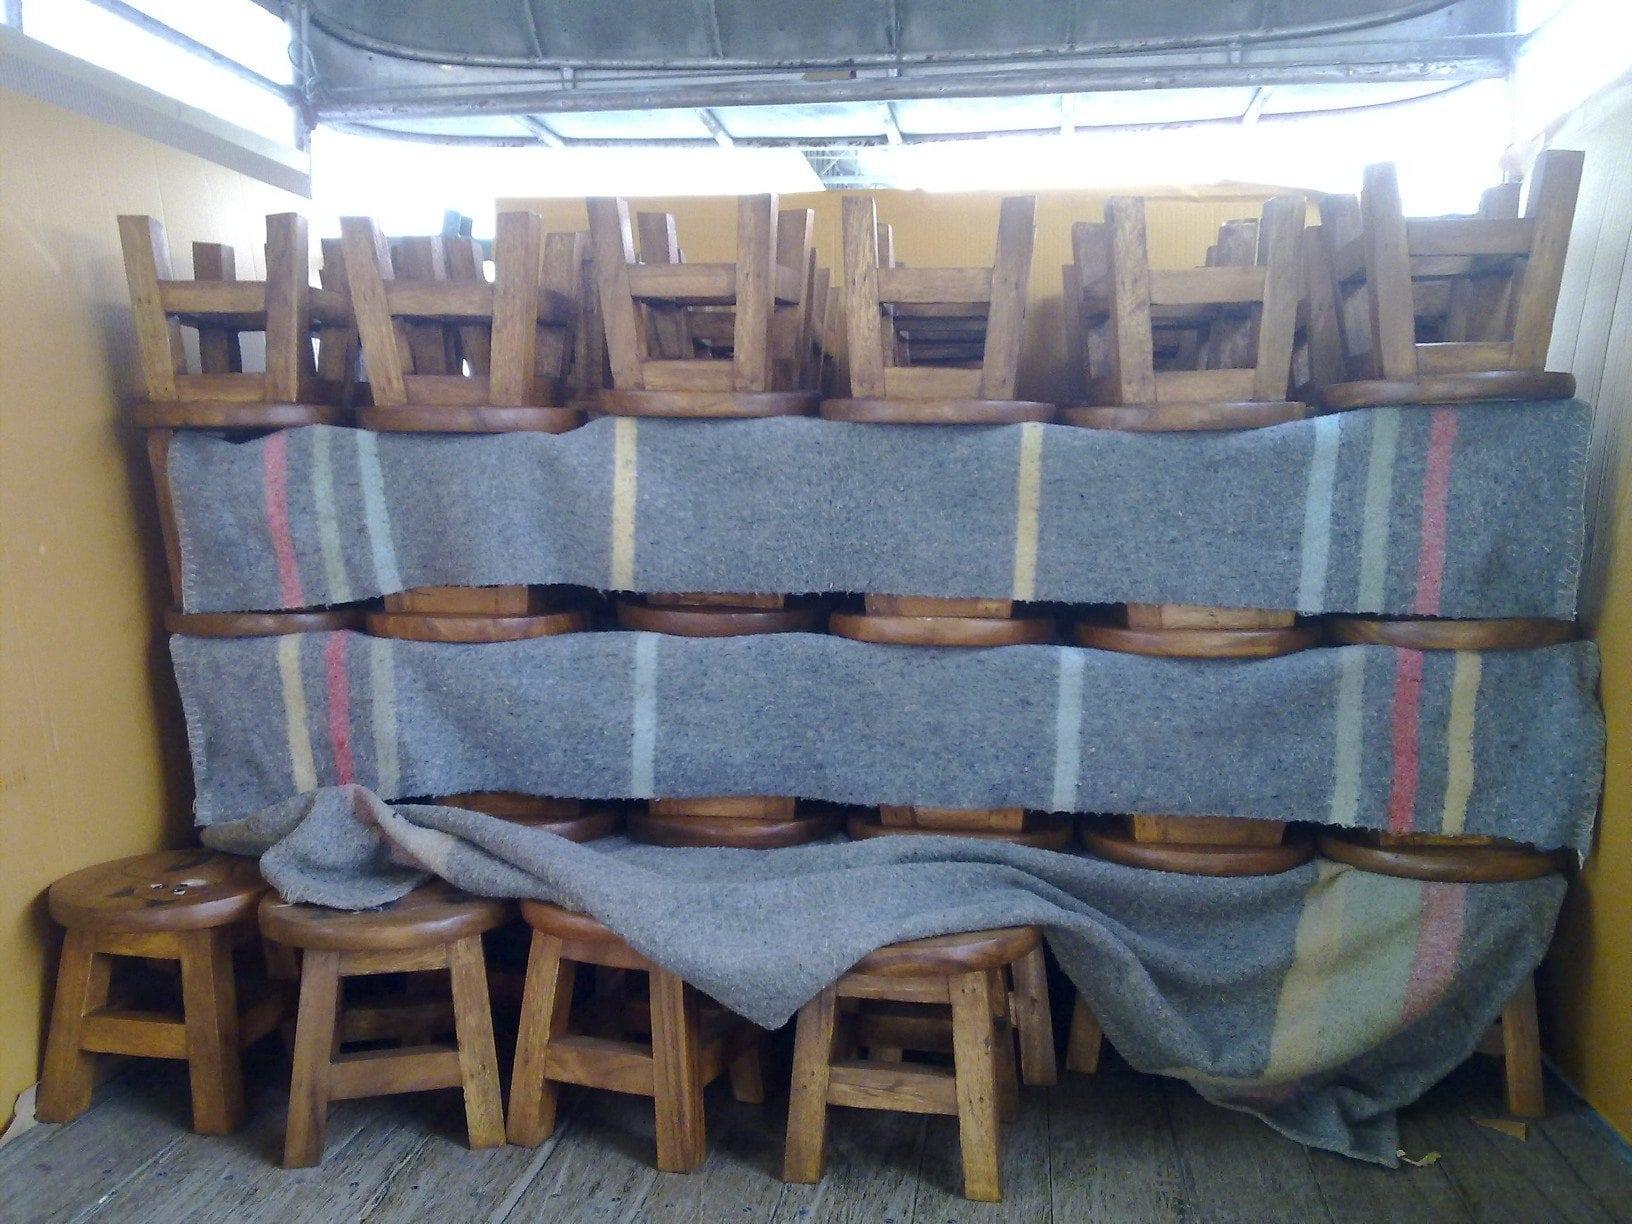 Prime Wholesale Childrens Wooden Step Stools Monkeypod Asia Short Links Chair Design For Home Short Linksinfo